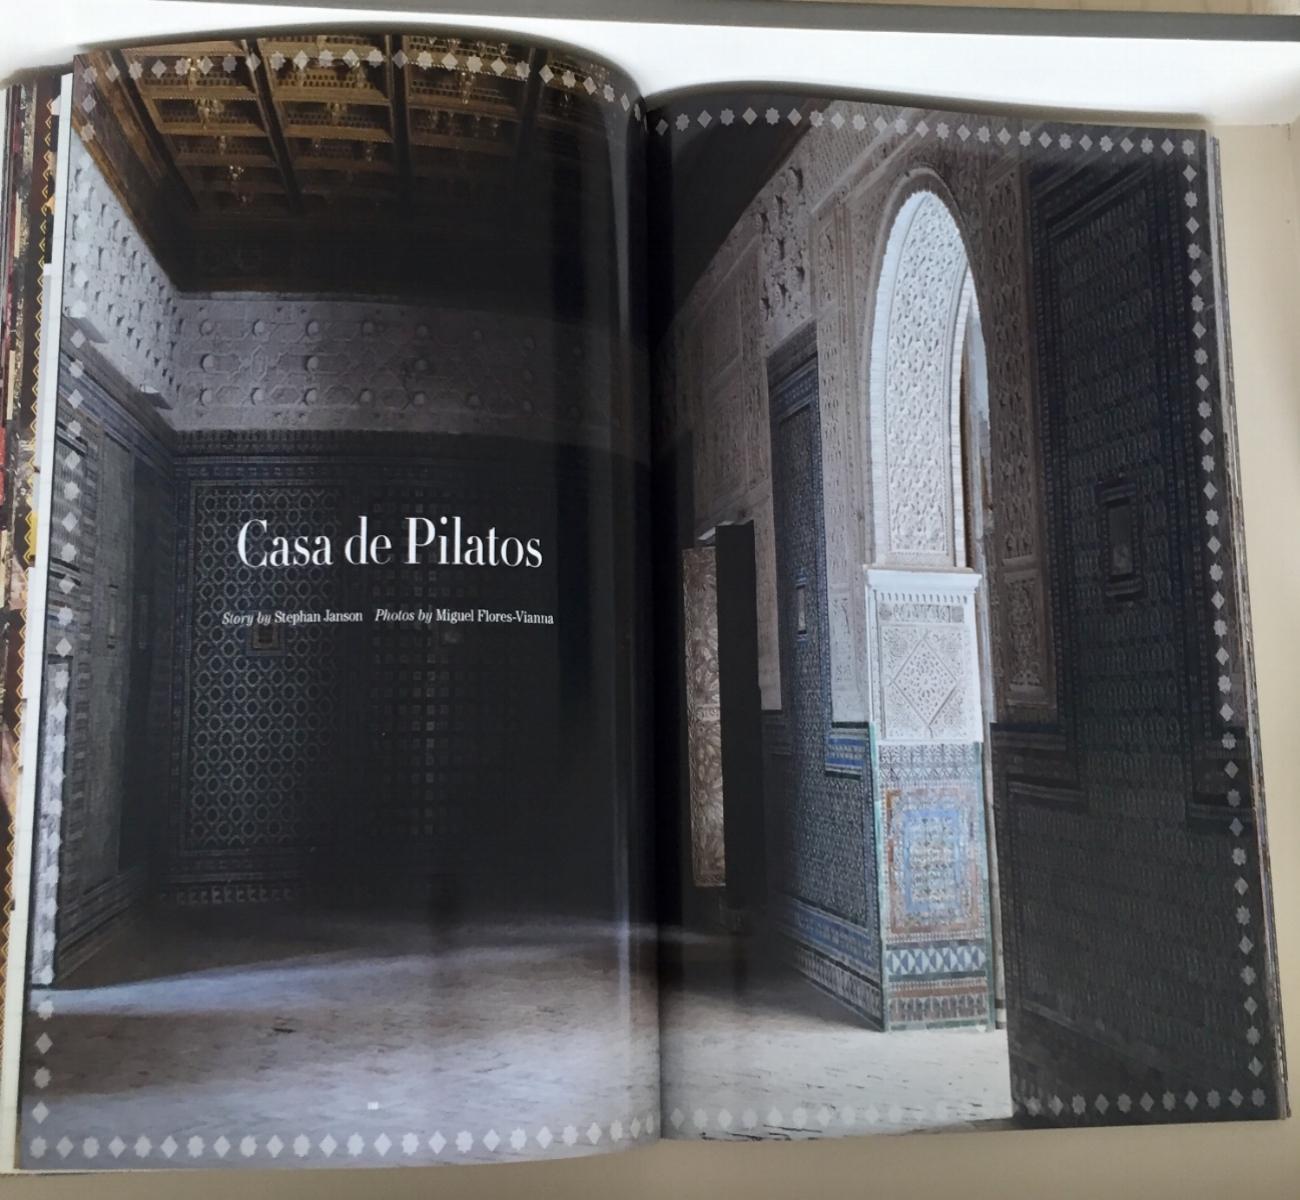 Casa de Pilatos - Andalusia Palace